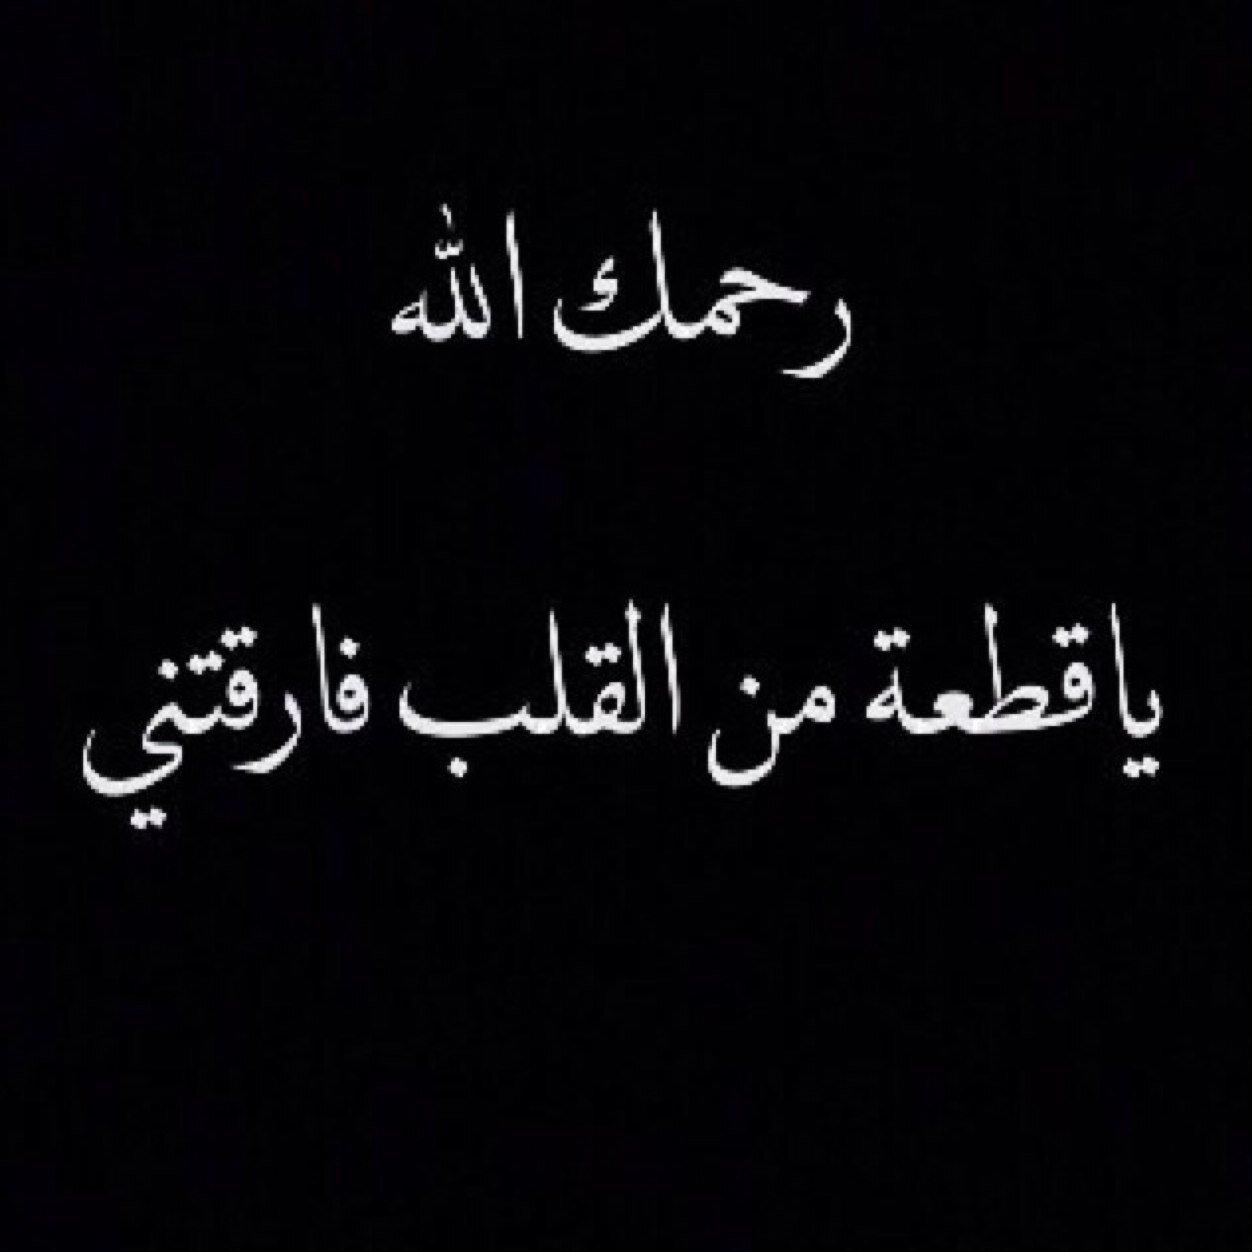 صورة كلام عن الاب الميت , عبارات تعبر عن مدي حزن الابناء واشتياقهم لابيهم المتوفي